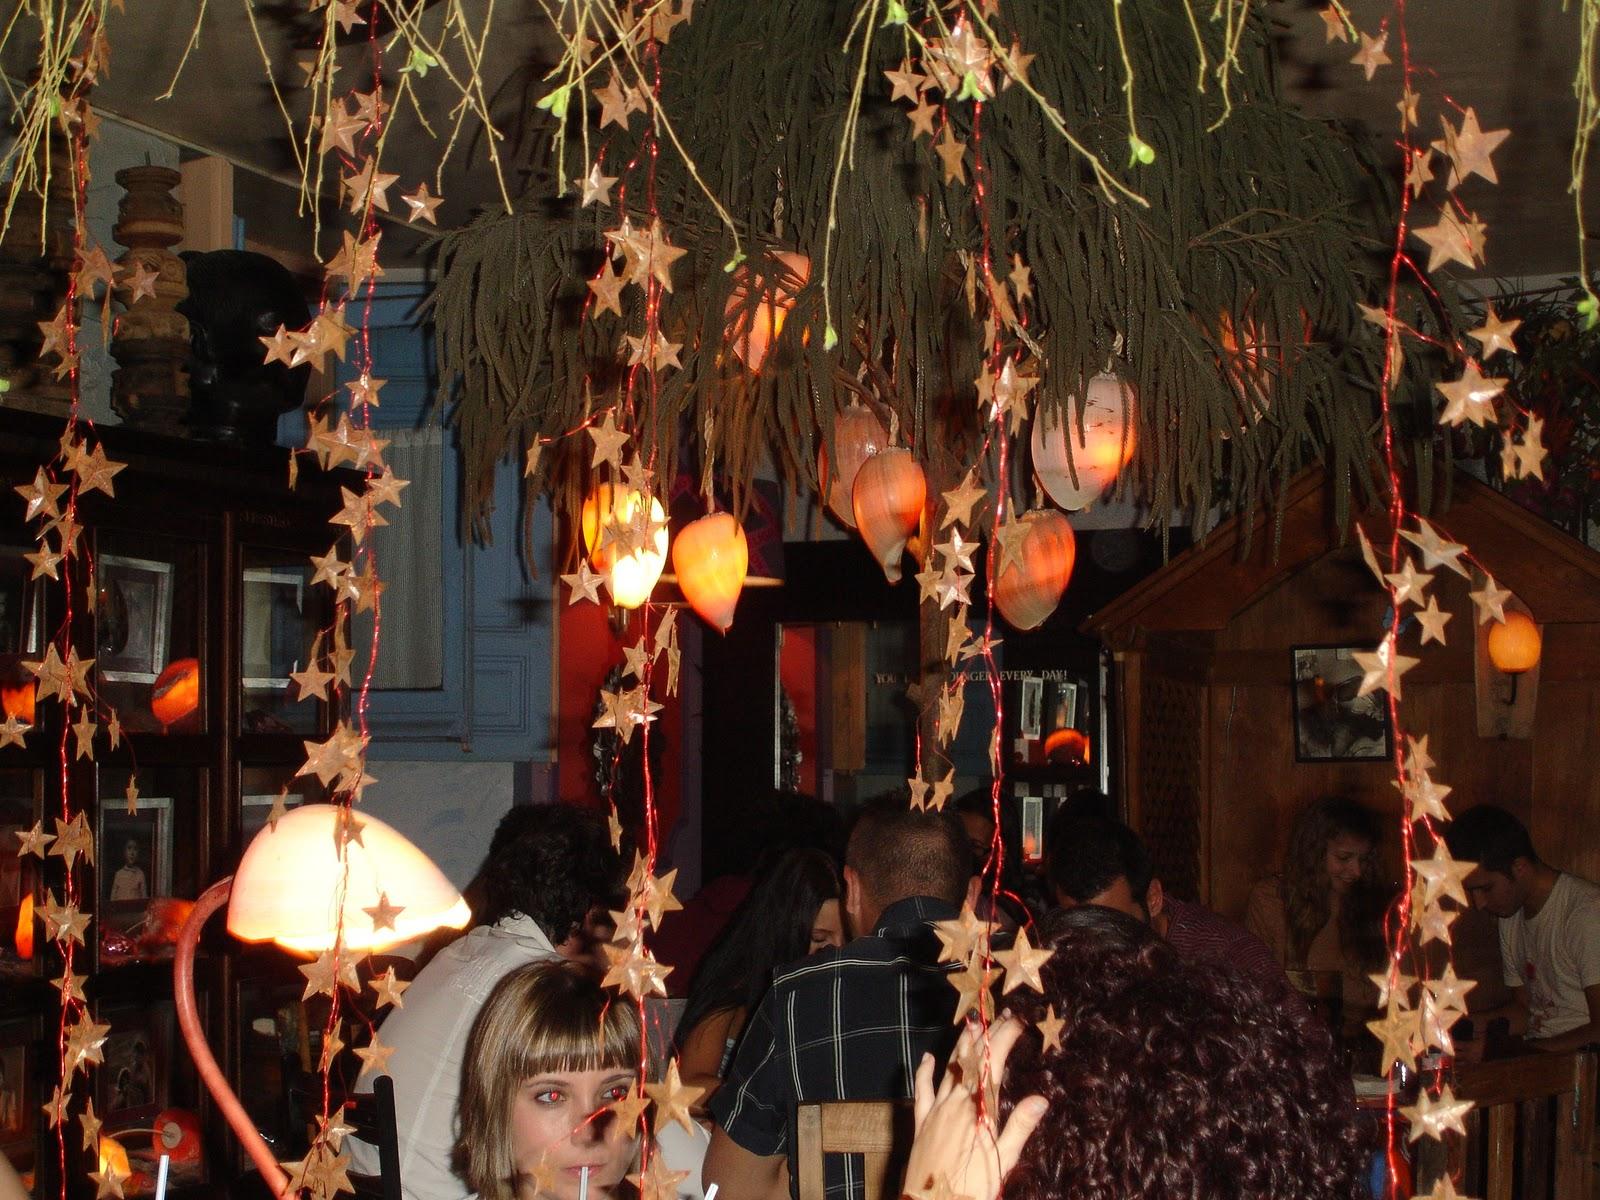 Vuelta abierta blog de viajes el jard n secreto madrid for Restaurante el jardin madrid